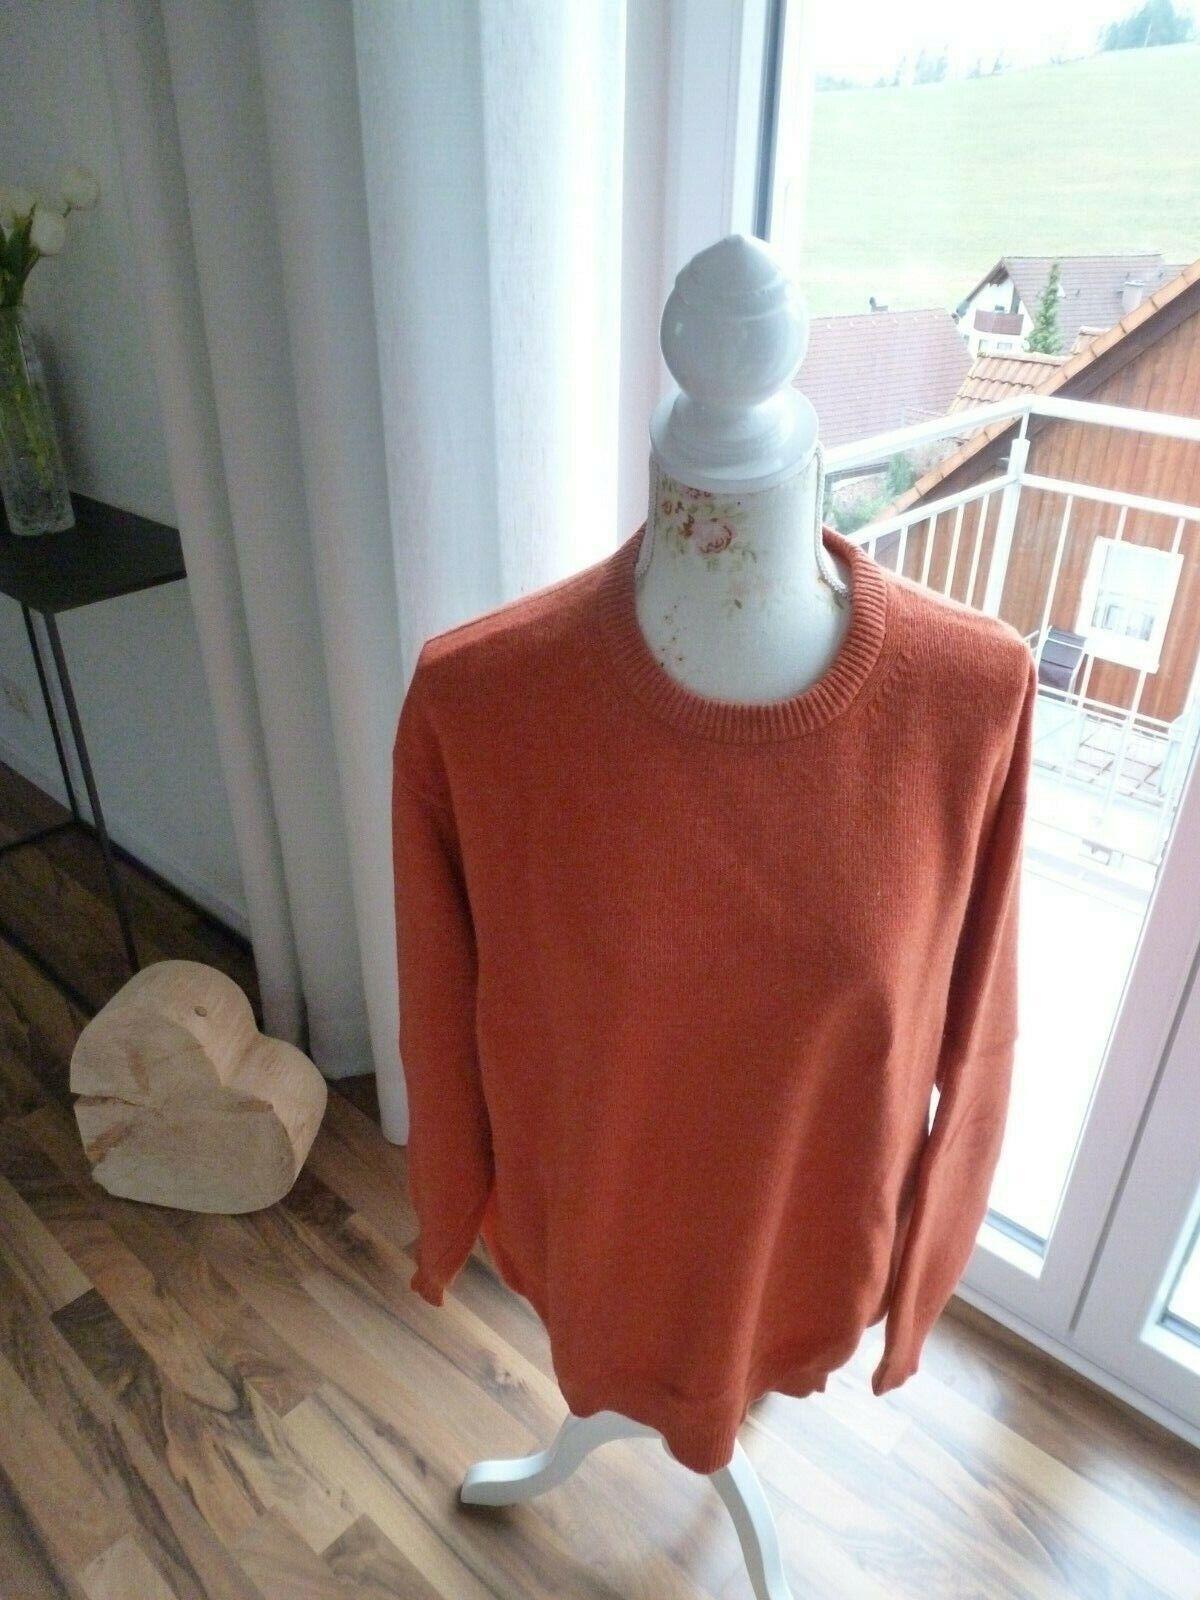 Roth Herrenpullover, Gr. XL, neuwertig, top Zustand, made in Italy, Kaschmir